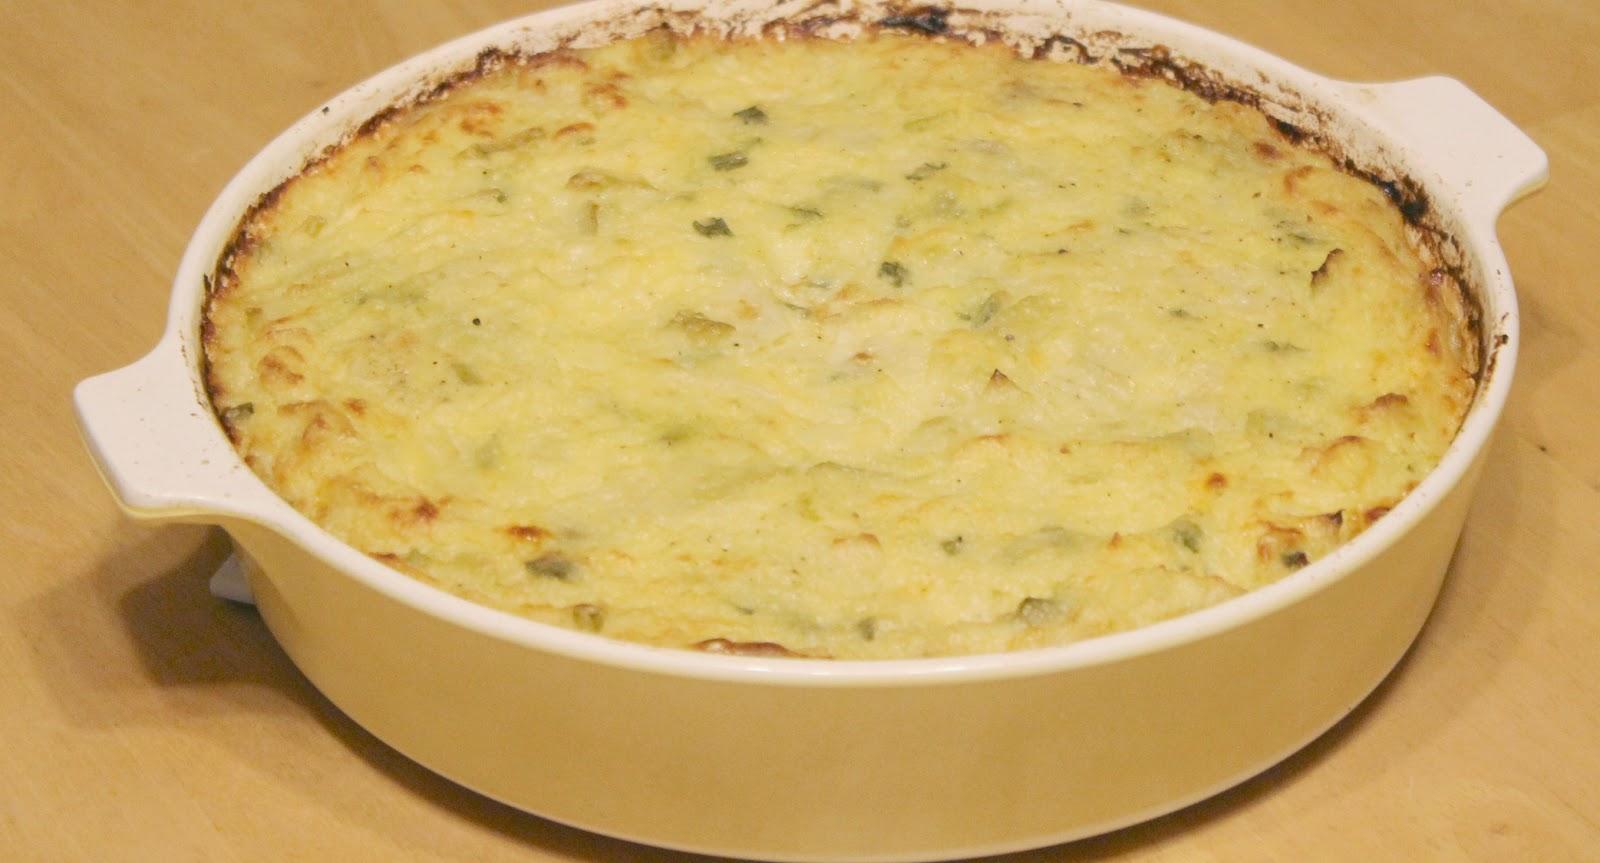 Easy as Pie in Kansas: Colcannon Pie - Week 11 Bonus Pie